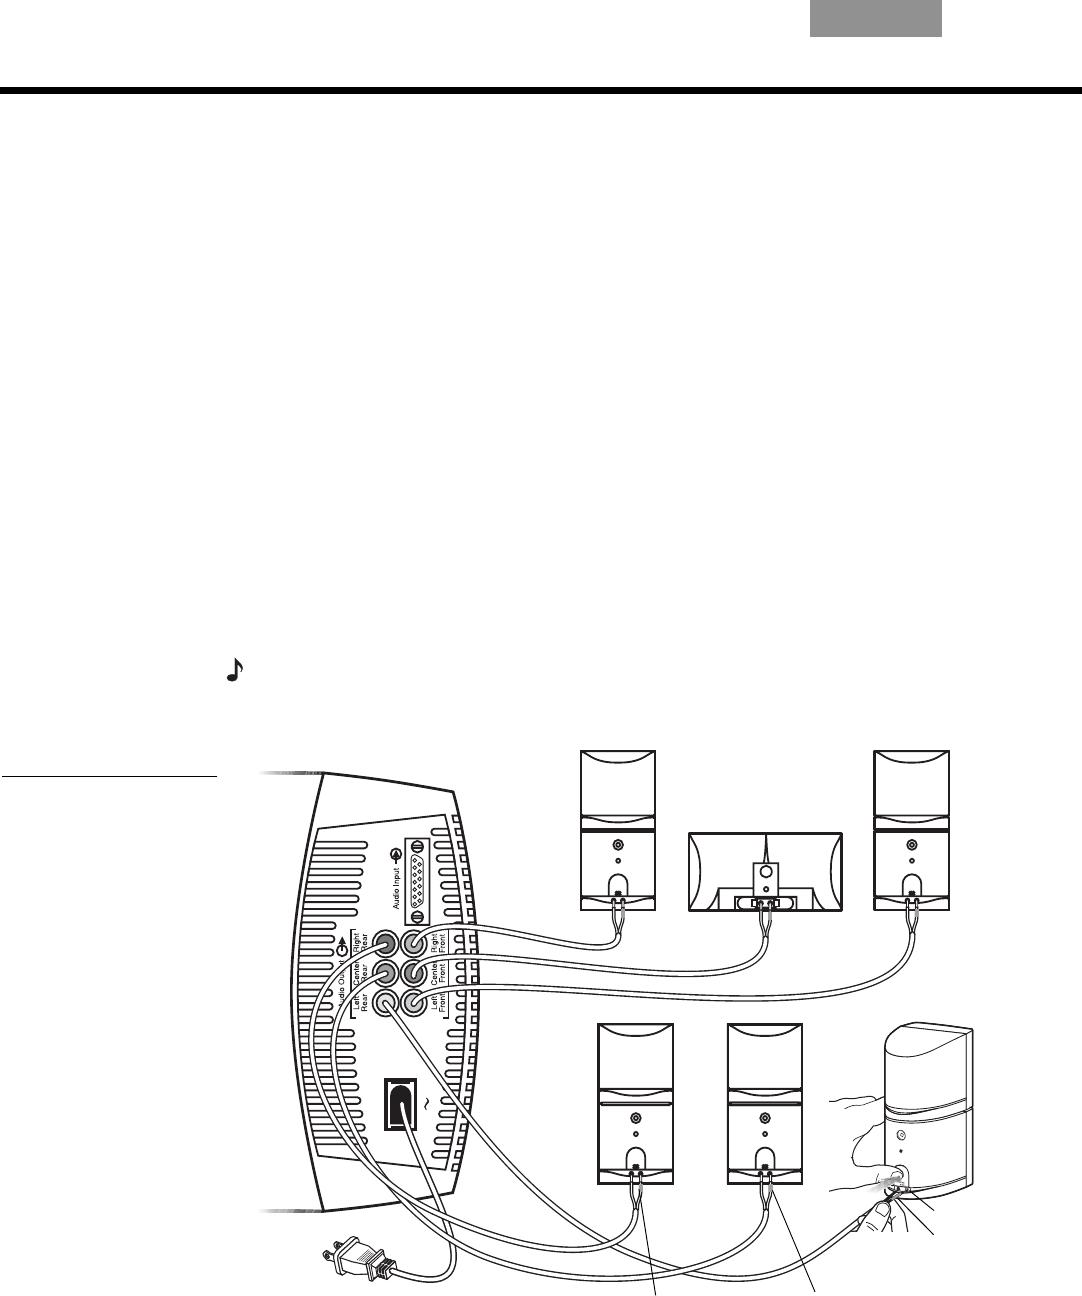 Bedienungsanleitung Bose Acoustimass 16 II (Seite 8 von 16) (Deutsch)